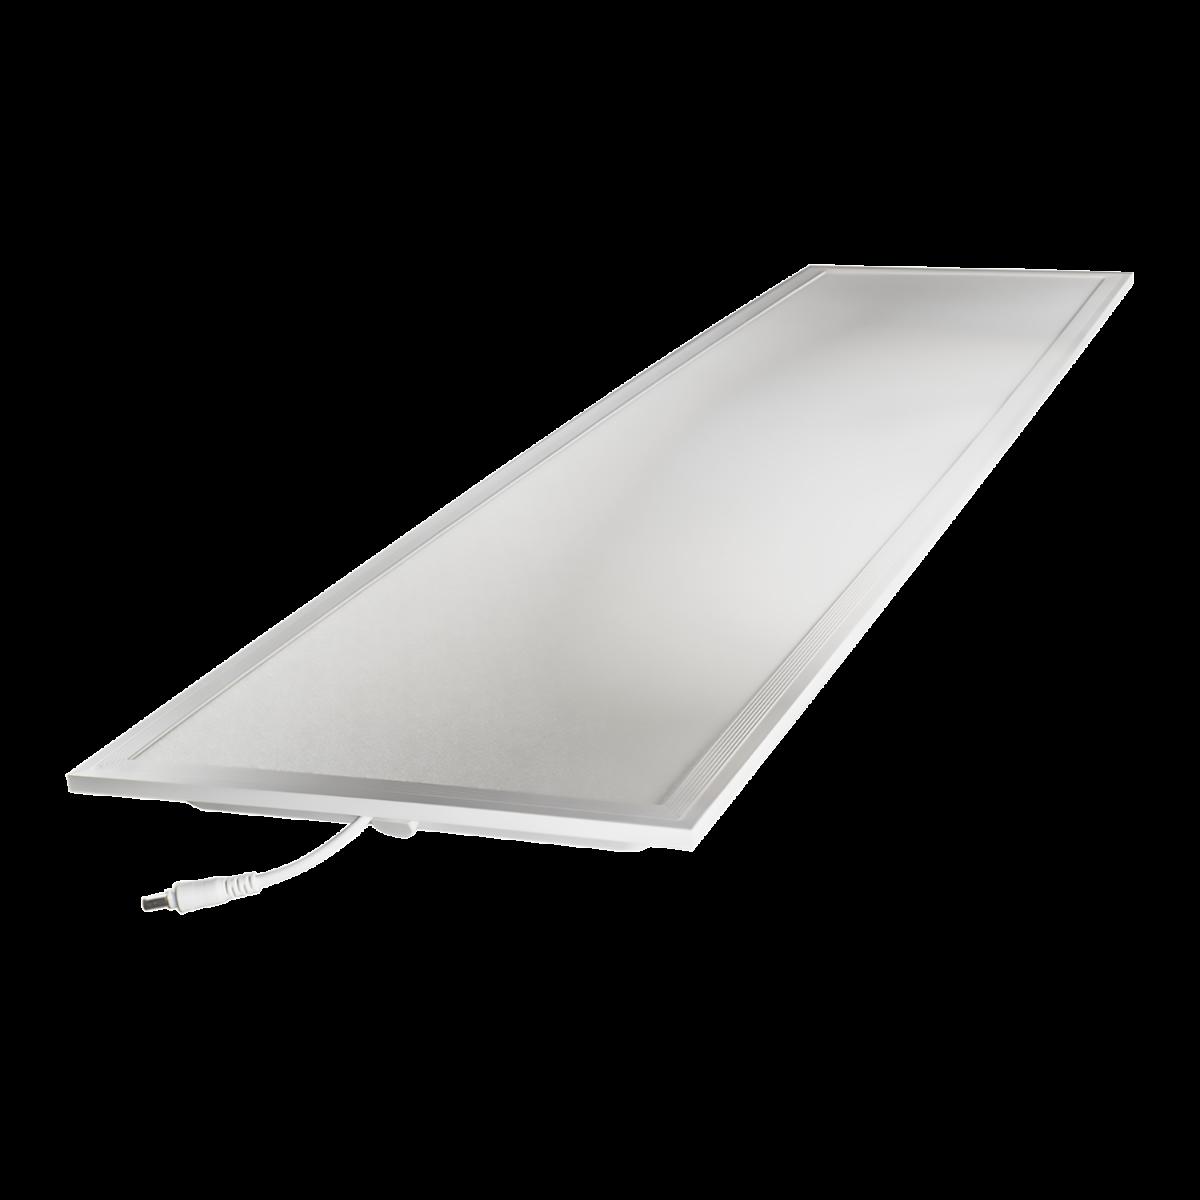 Noxion LED panel Delta Pro Highlum V2.0 40W 30x120cm 3000K 5280lm UGR <19 | varm hvit - erstatter 2x36W